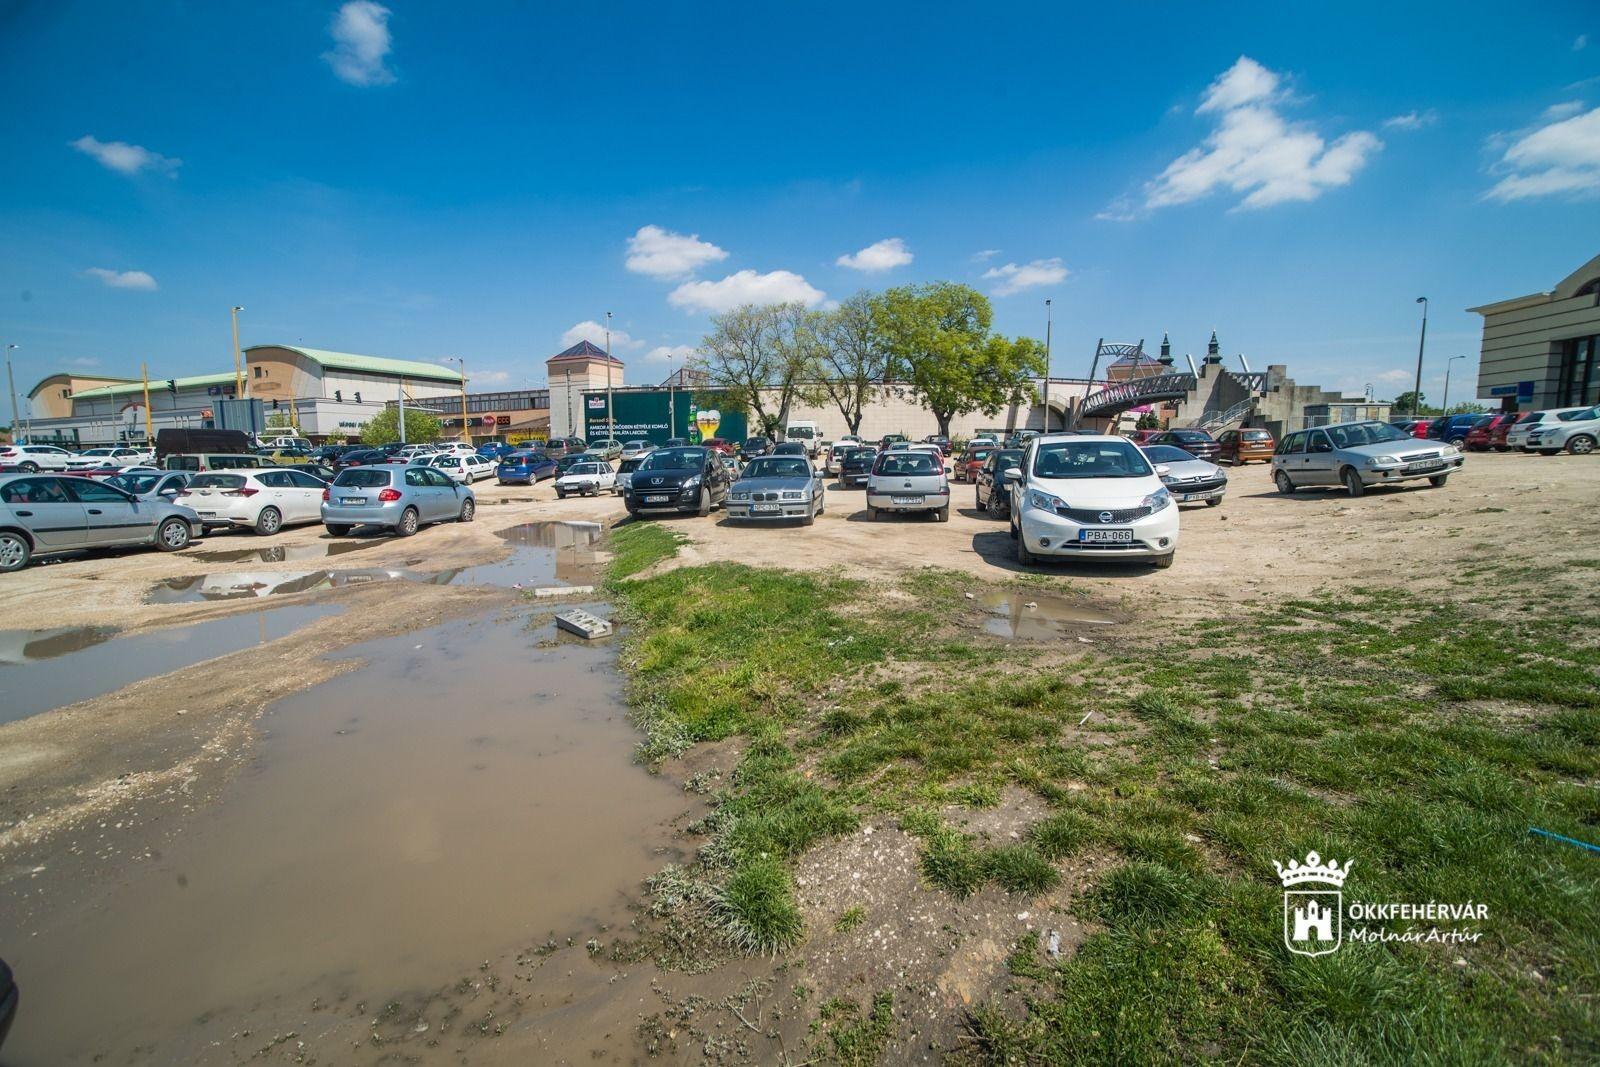 Világmárkákkal bővülhet a székesfehérvári plaza kínálata, új parkolóhelyek létesülnek a belvárosban